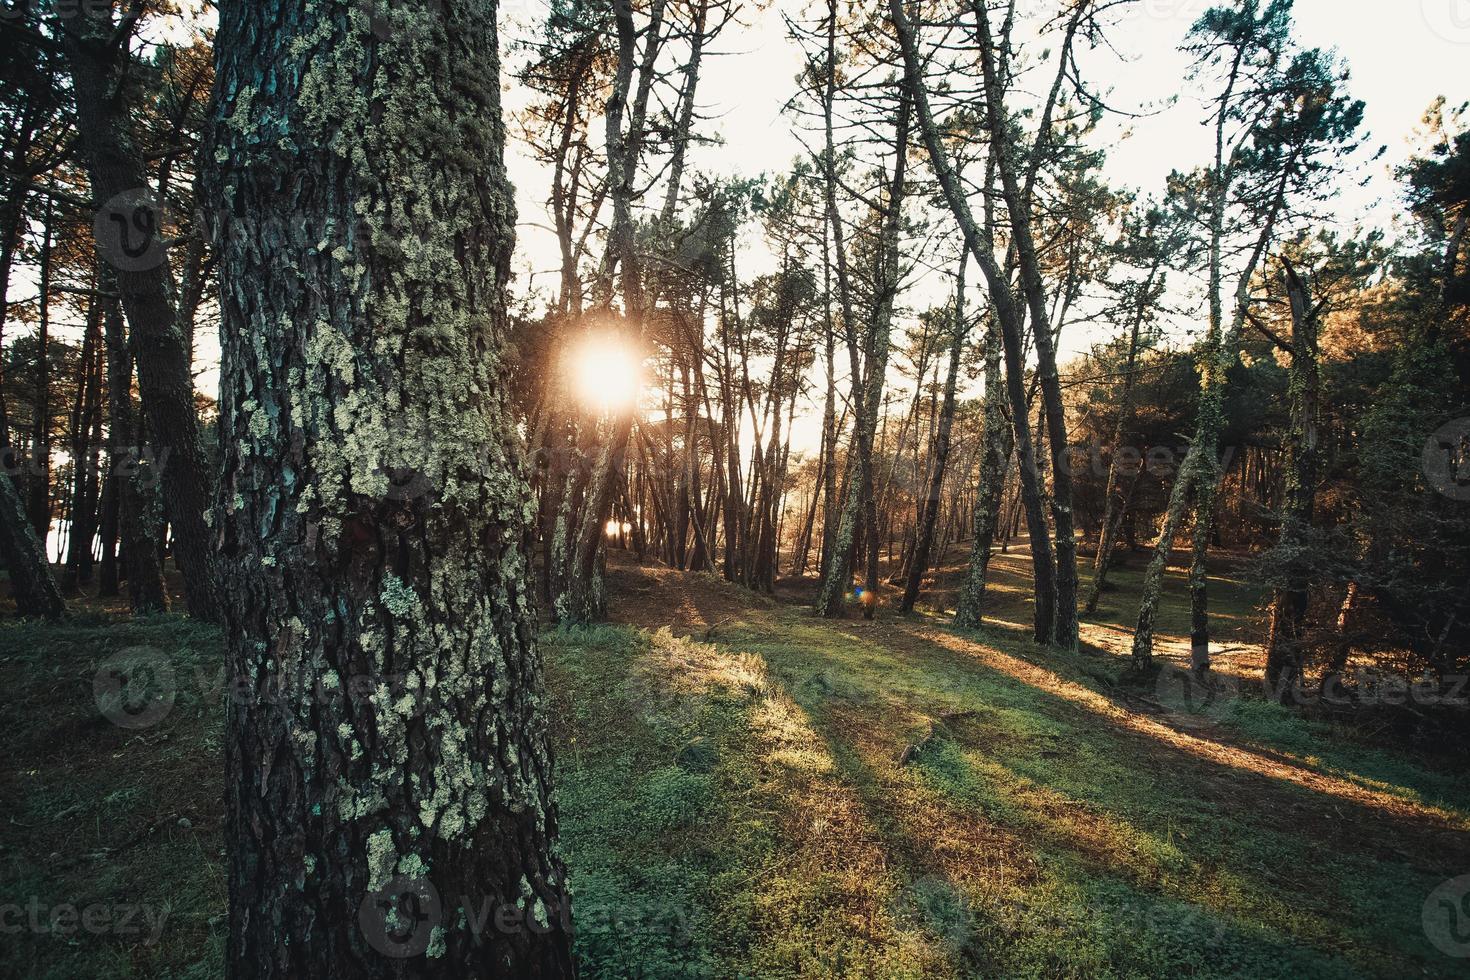 floresta durante um pôr do sol foto